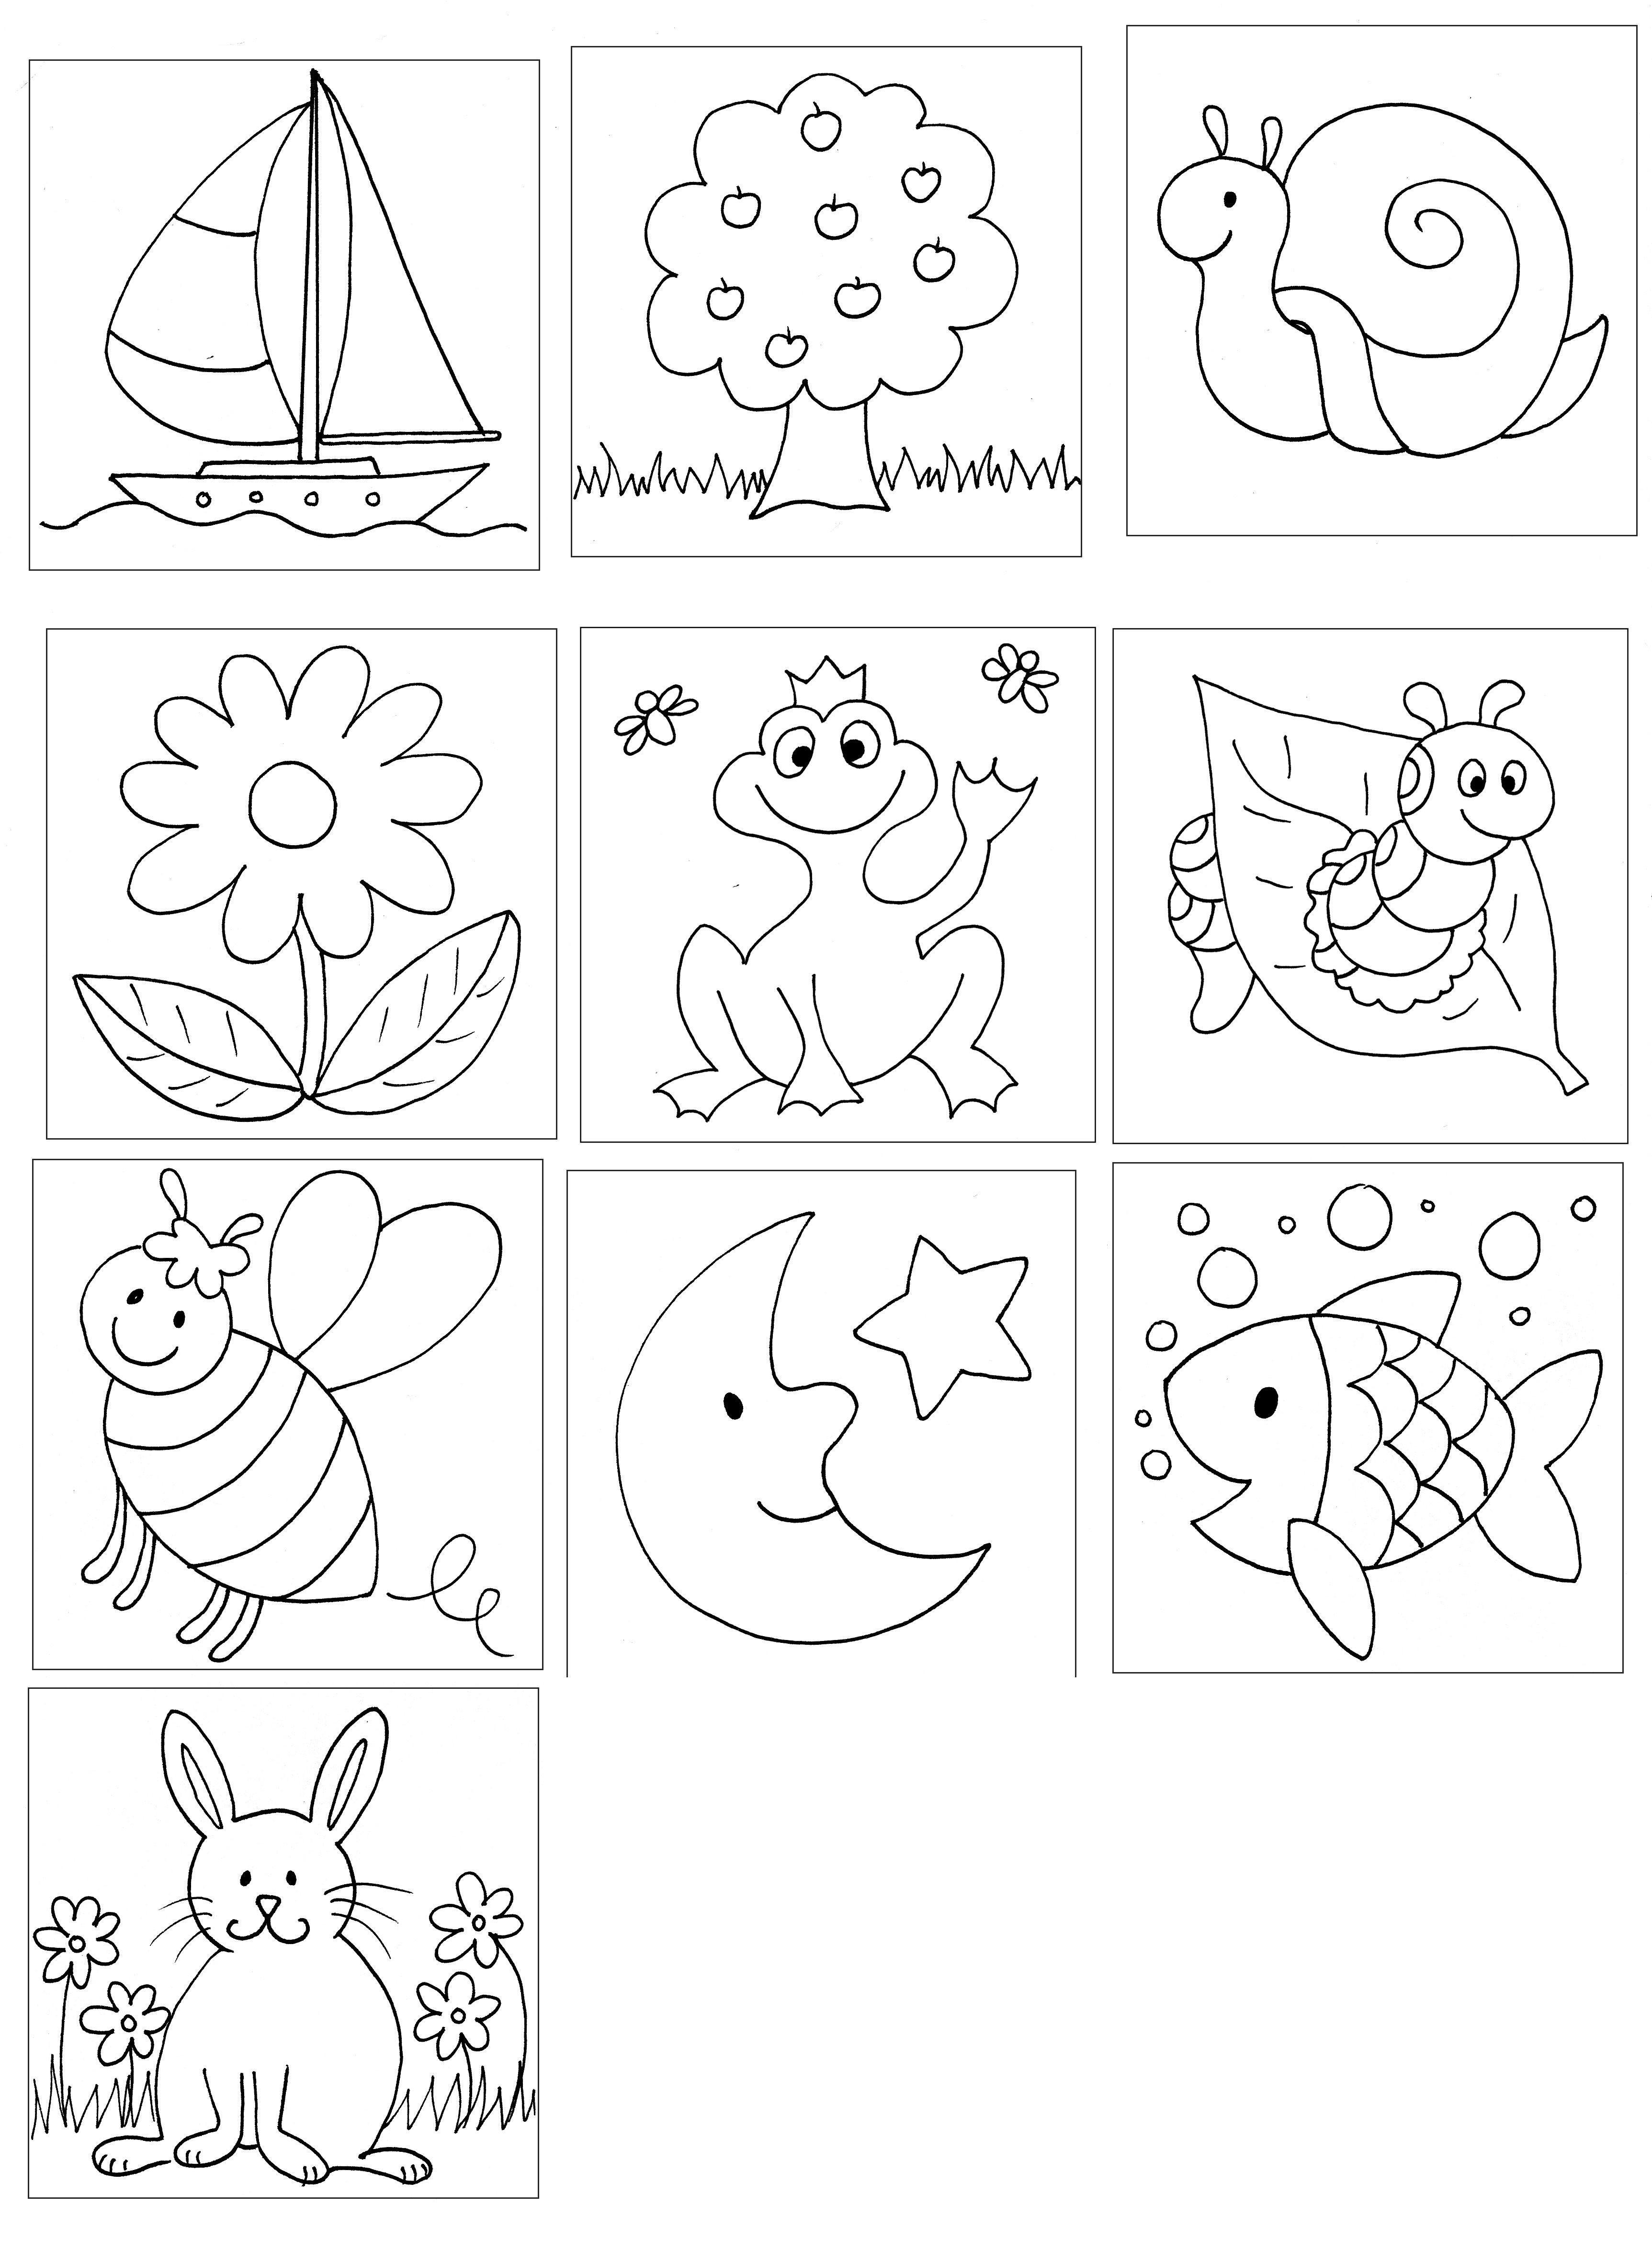 Bibi Und Tina Bilder Zum Drucken Einzigartig Hahn Malvorlagen Ausdrucken Elegant Malvorlagen Eulen Stock